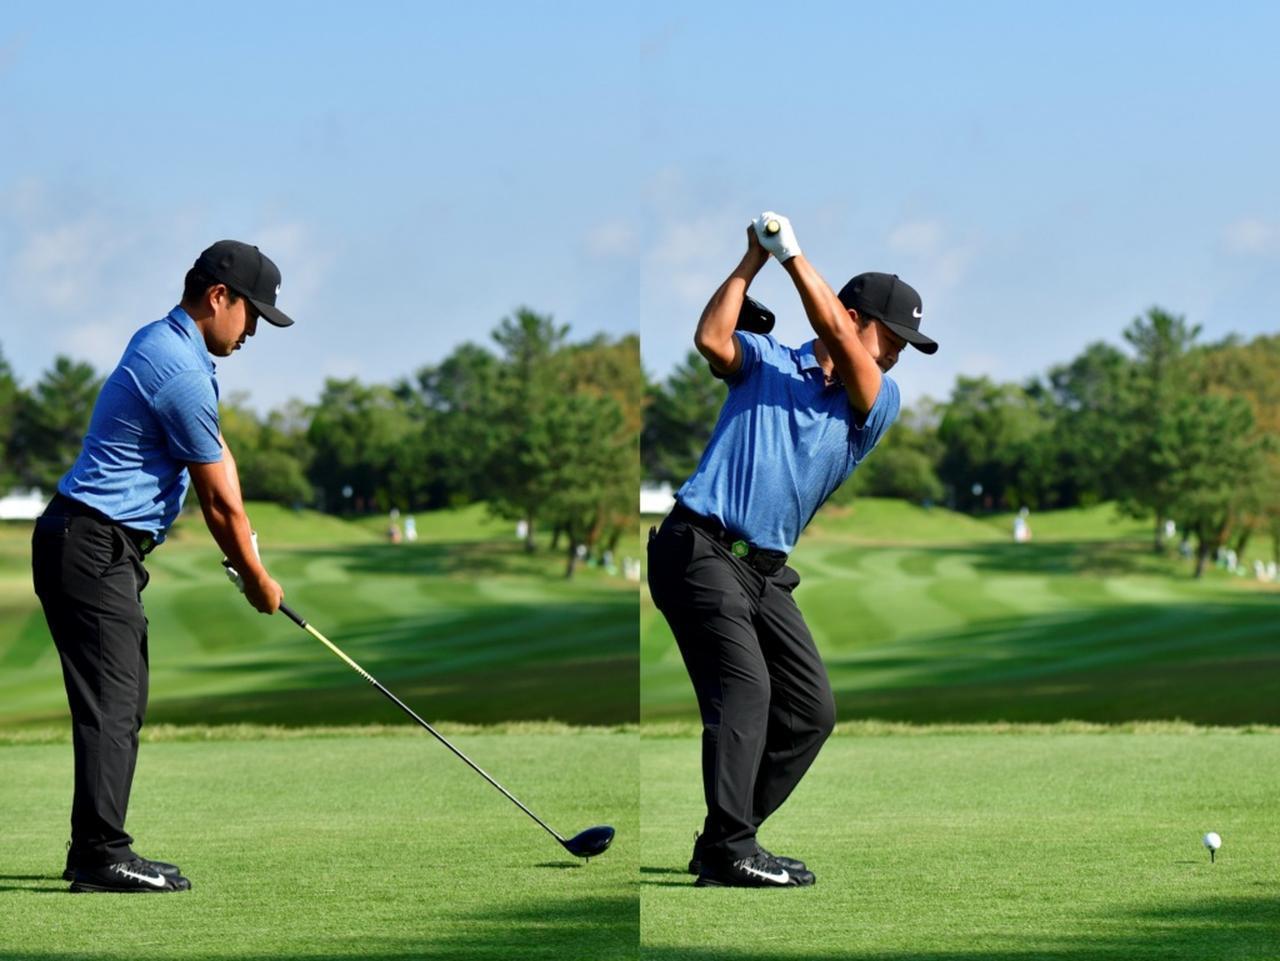 画像: ティンガーで握ることで腕をねじることもなく、トップの位置がいつも安定し、再現性も高い。(写真は2018年のマイナビABCチャンピオンシップ 撮影/有原裕晶)